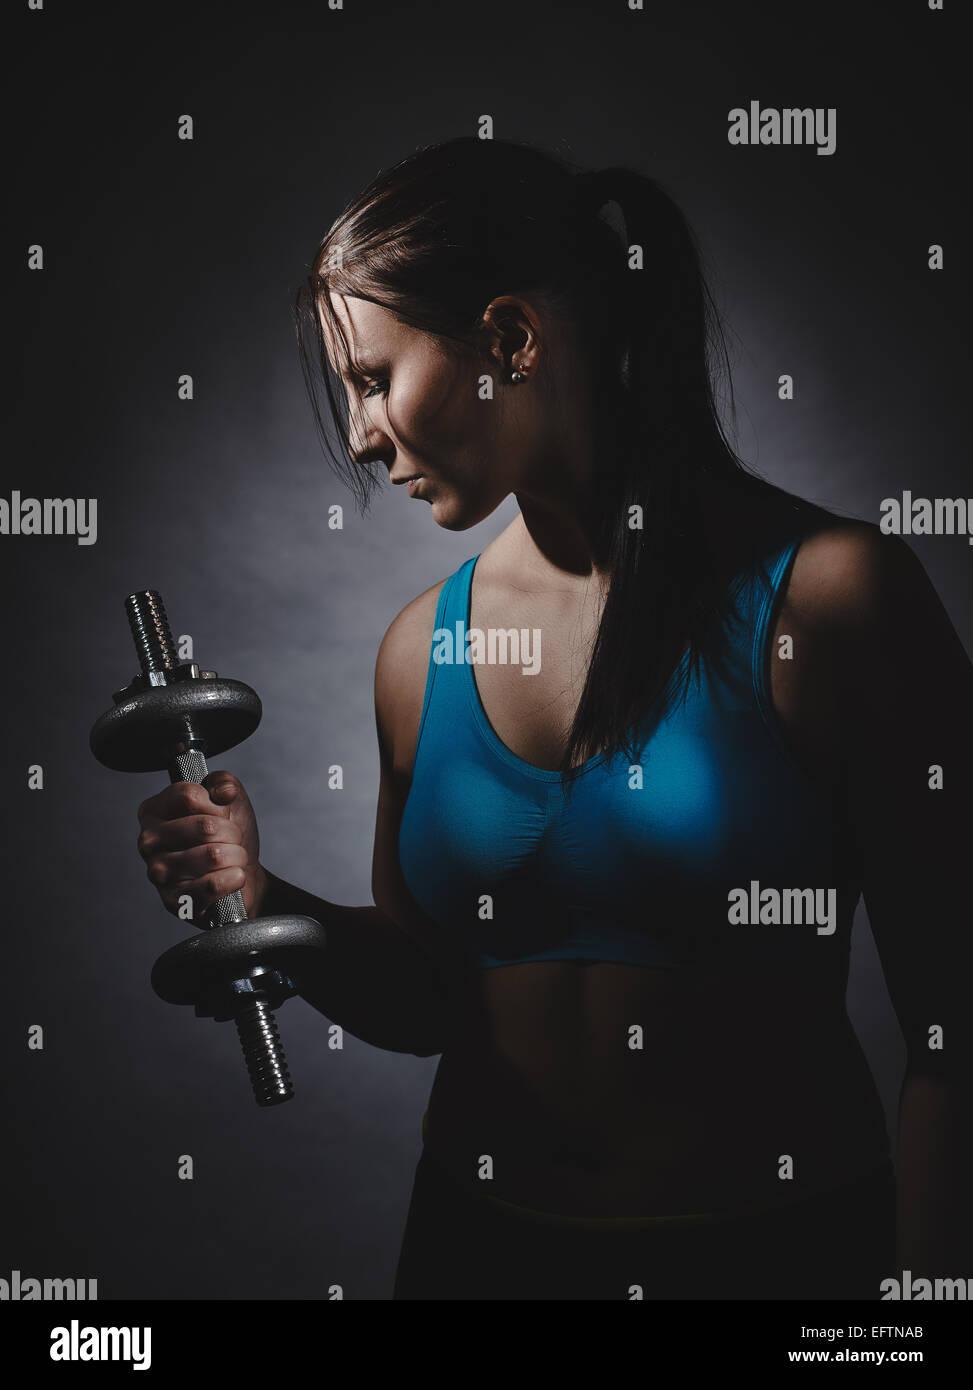 El levantamiento de pesas, la joven mujer vistiendo ropa deportiva y ella ejercer, Foto de estudio, fondo oscuro Imagen De Stock